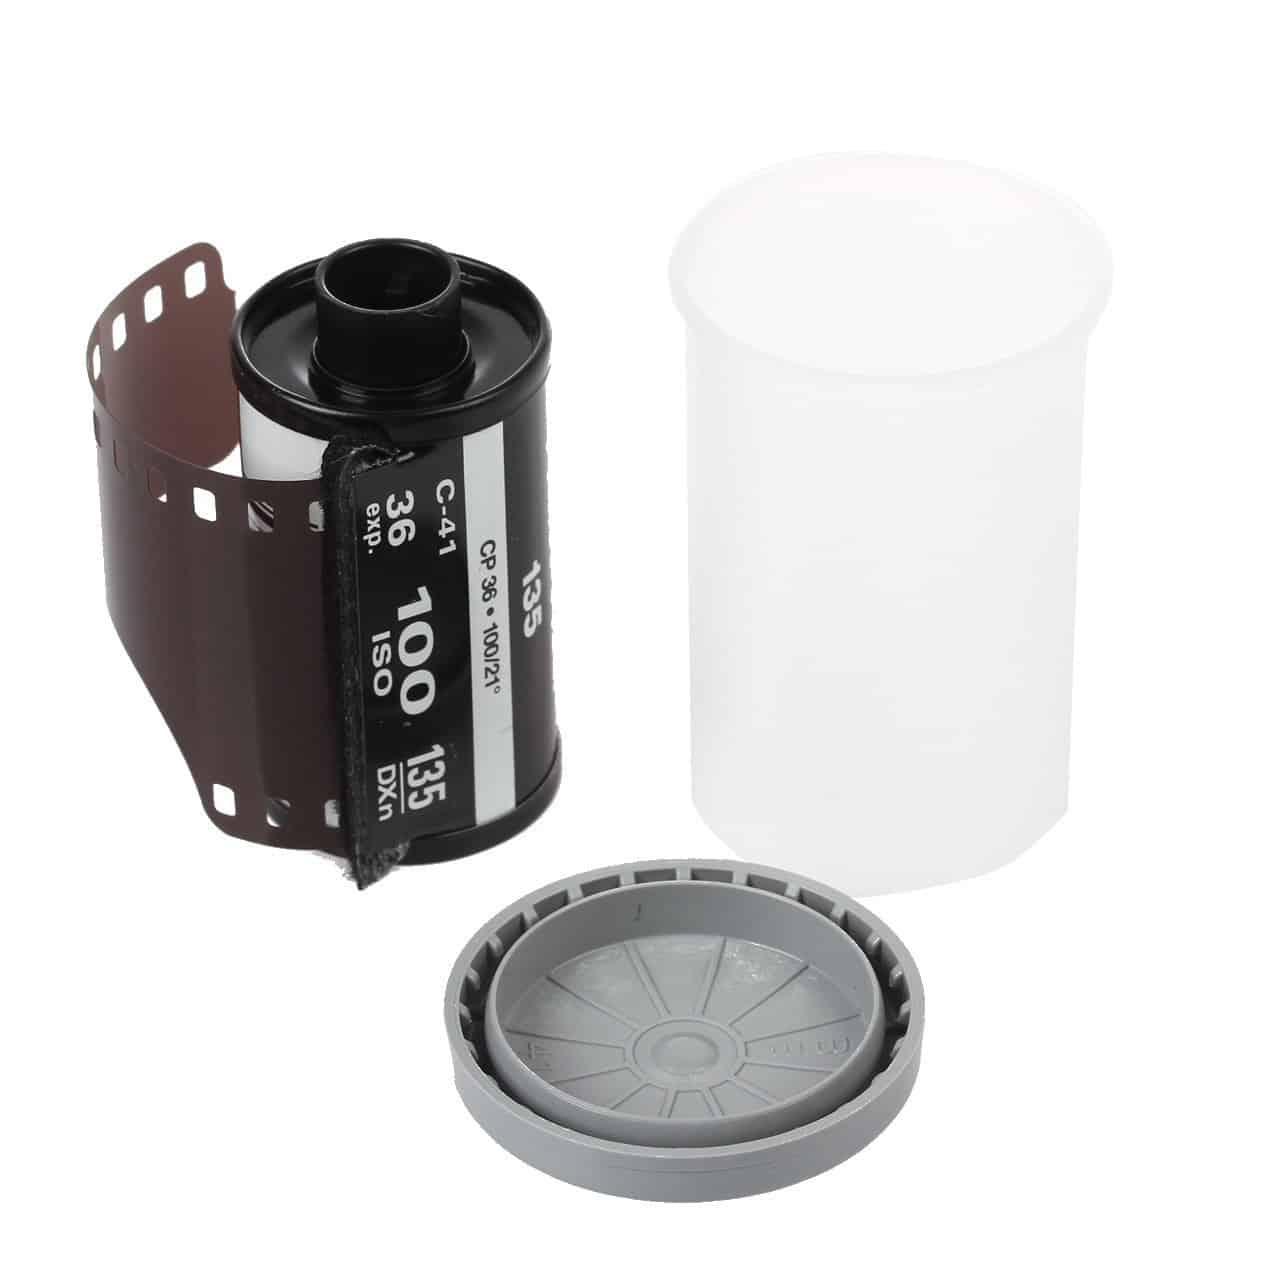 Lomography Konstruktor DIY 35mm SLR Camera Film